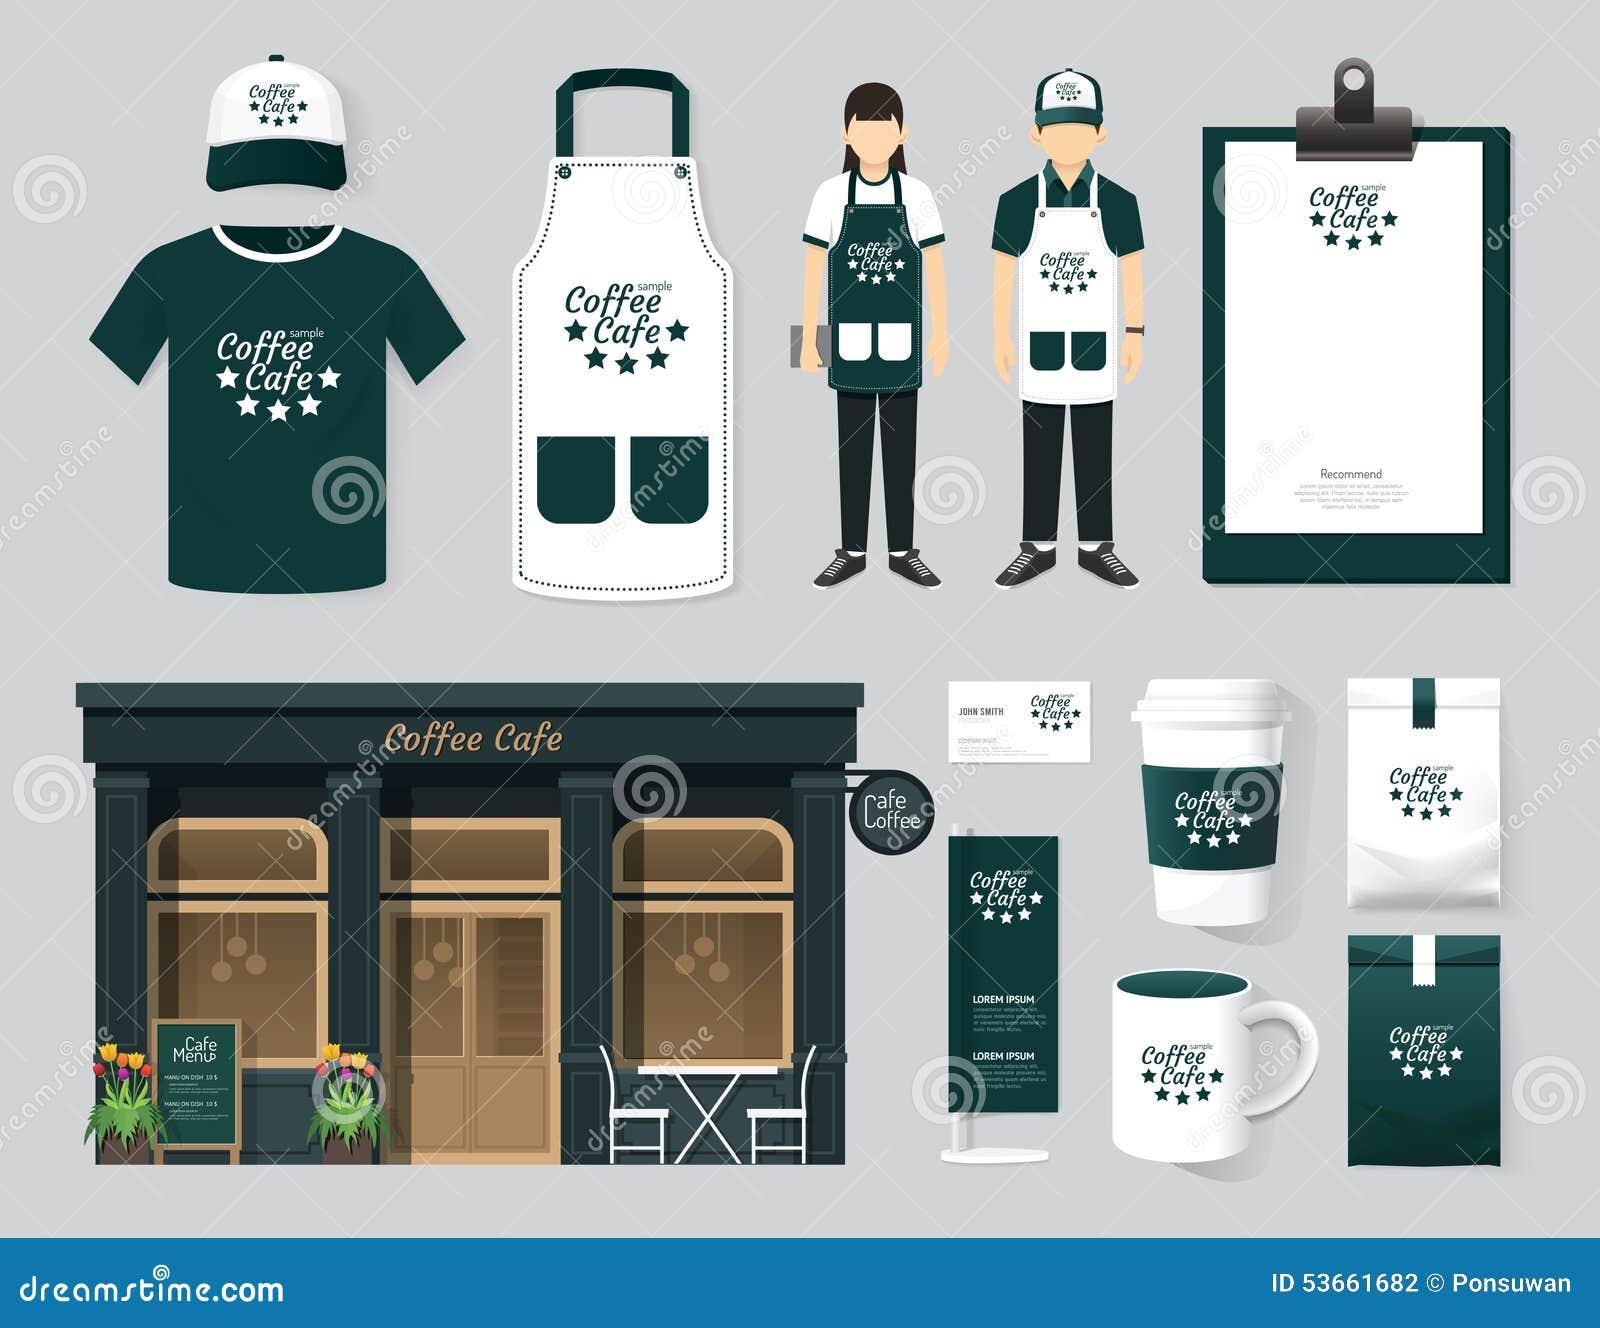 vector restaurant cafe set shop front design  flyer  menu